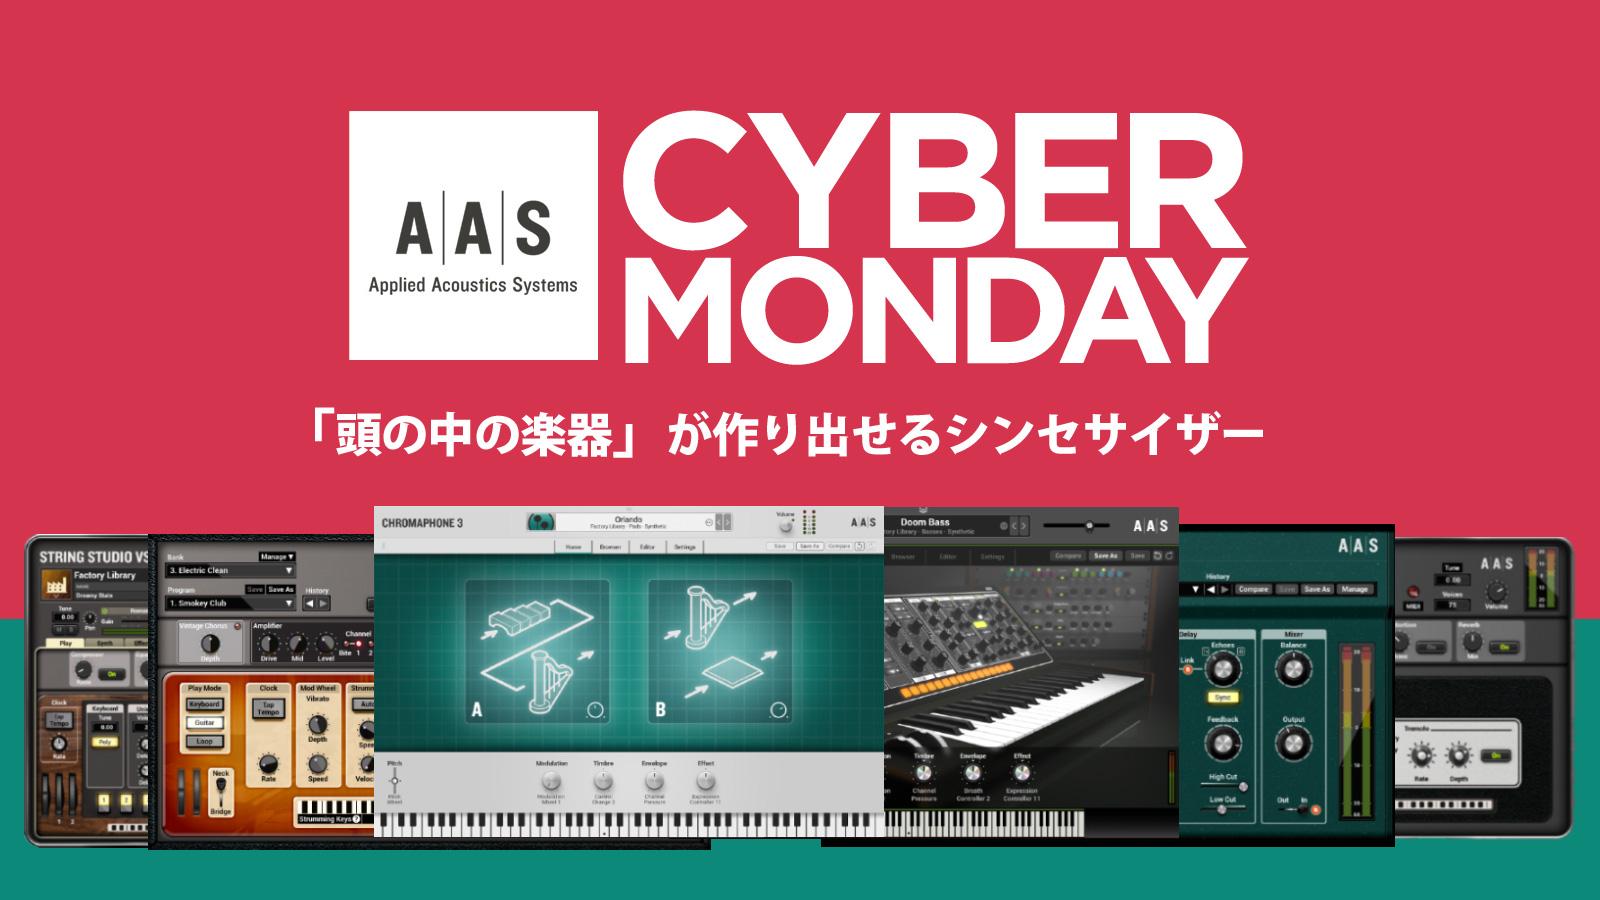 アナログシンセも電子ピアノも弦楽器も「頭の中の楽器」も最大65%OFF!Applied Acoustics Systems サイバーウィークセール